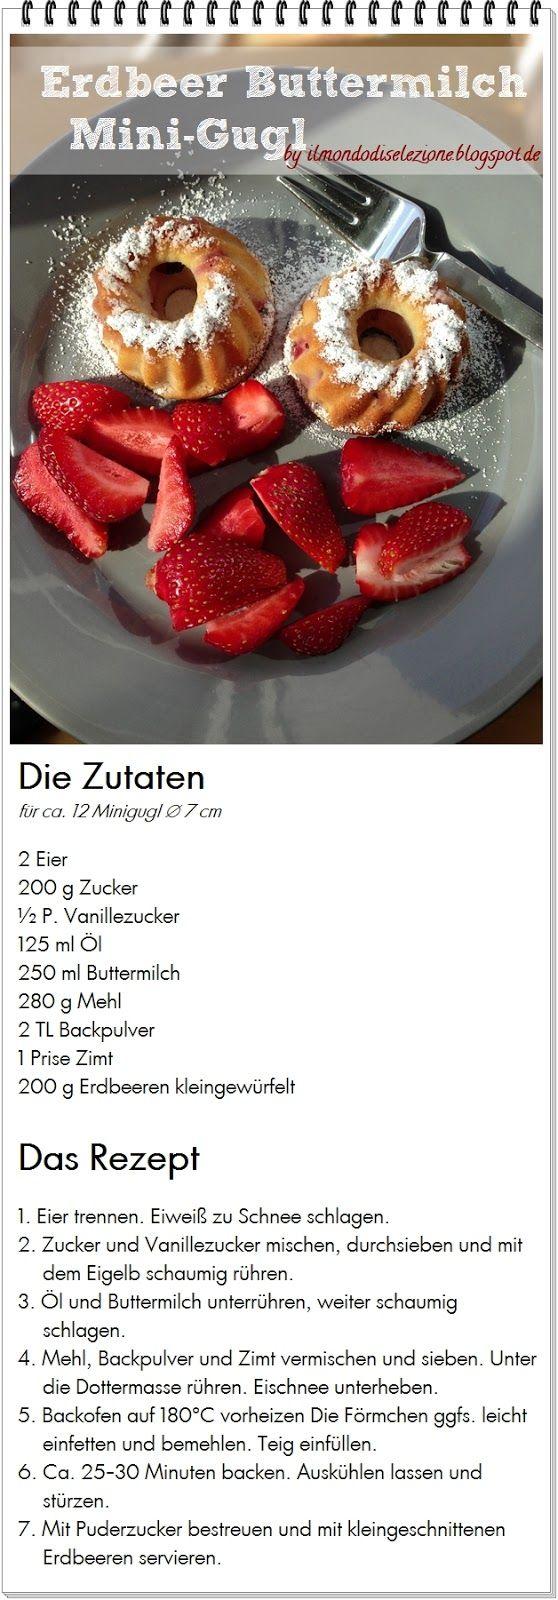 Erdbeer-Buttermilch-Mini-Gugl